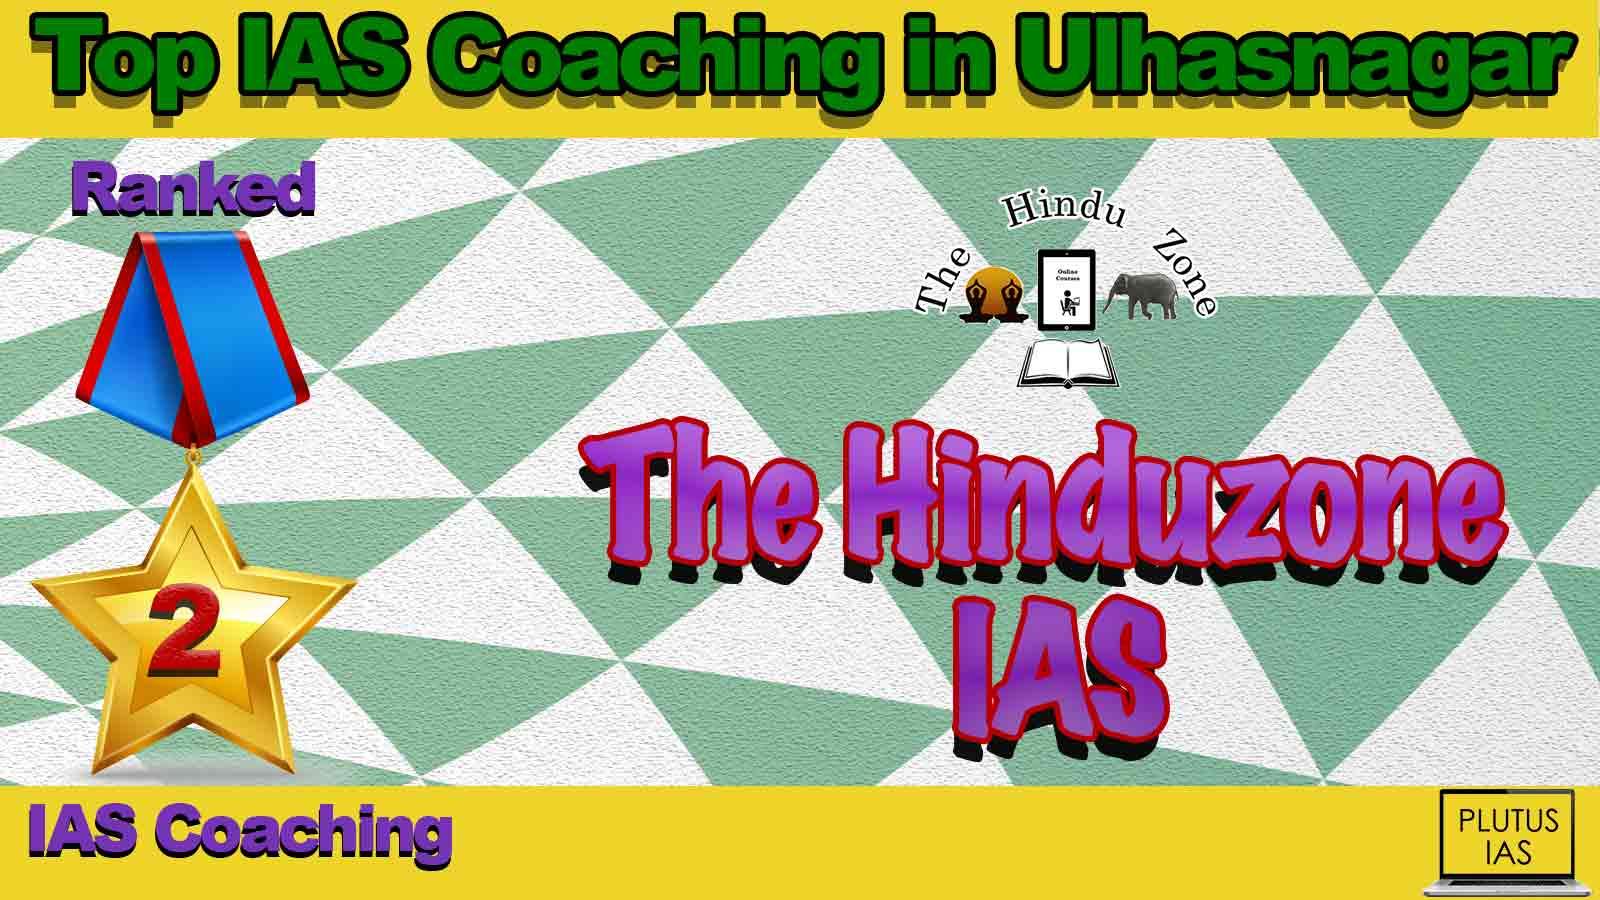 Best IAS Coaching in Ulhasnagar